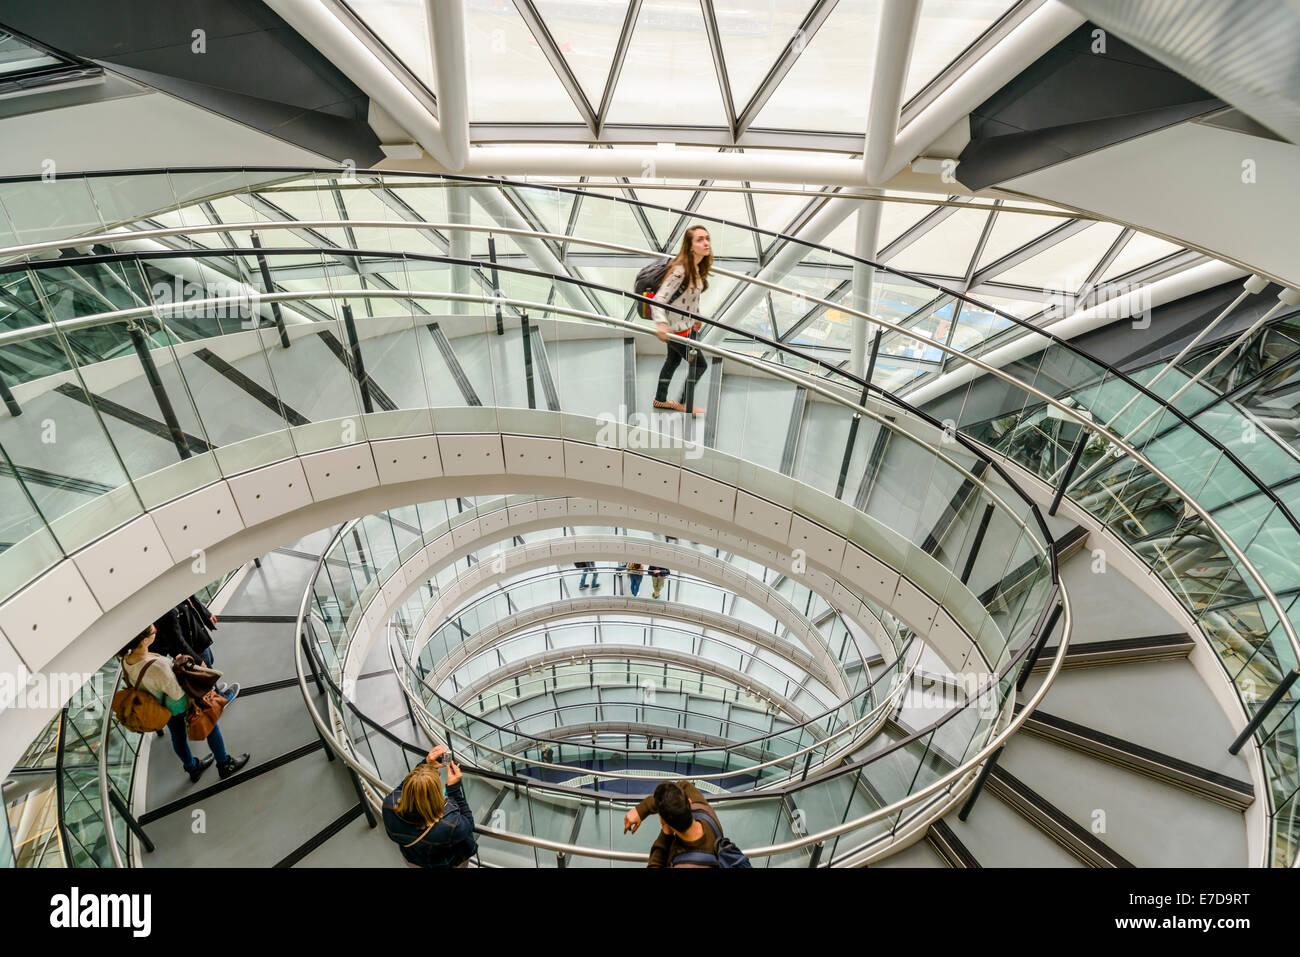 El London City Hall interior durante el Fin de Semana de Puertas Abiertas, Southwark, Londres Imagen De Stock